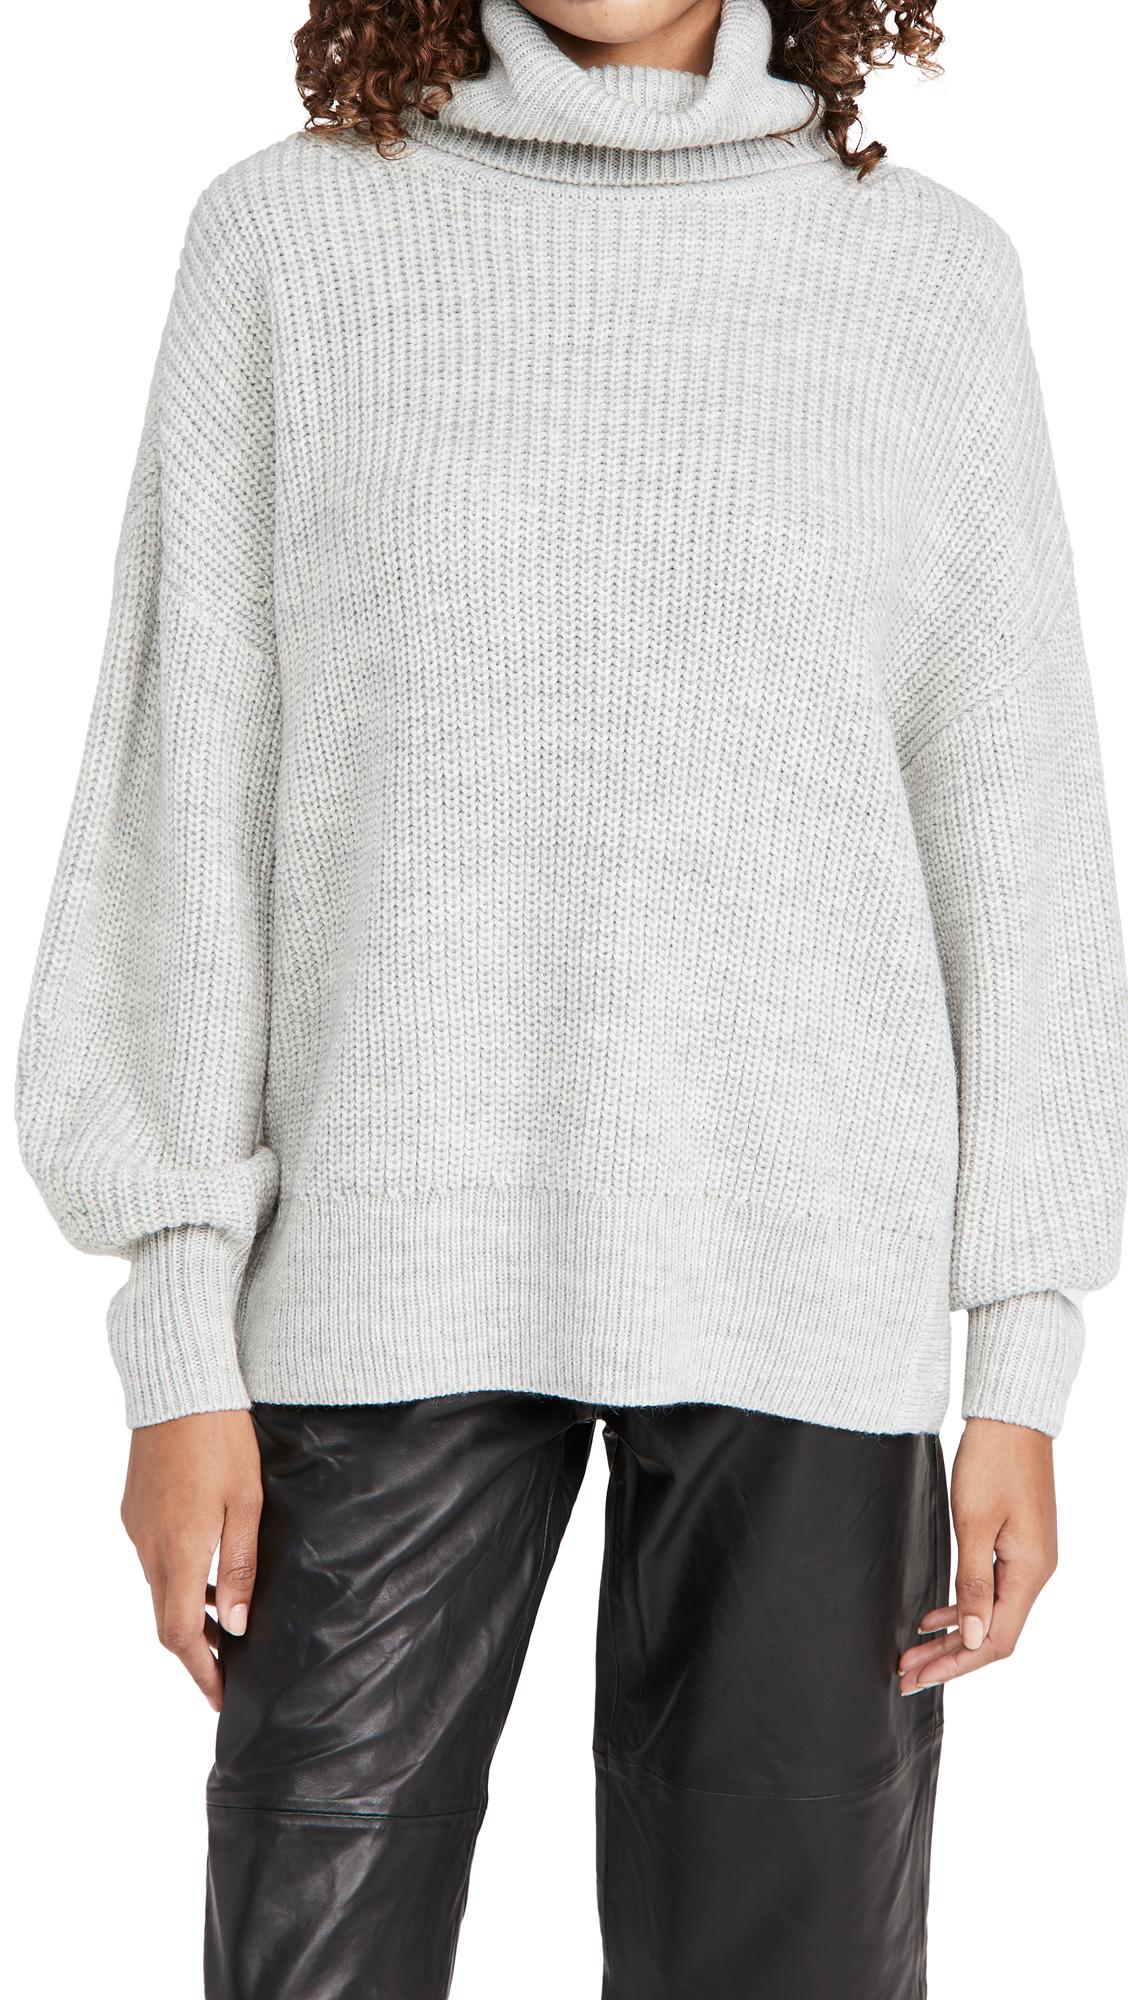 IRO Mitsay Sweater